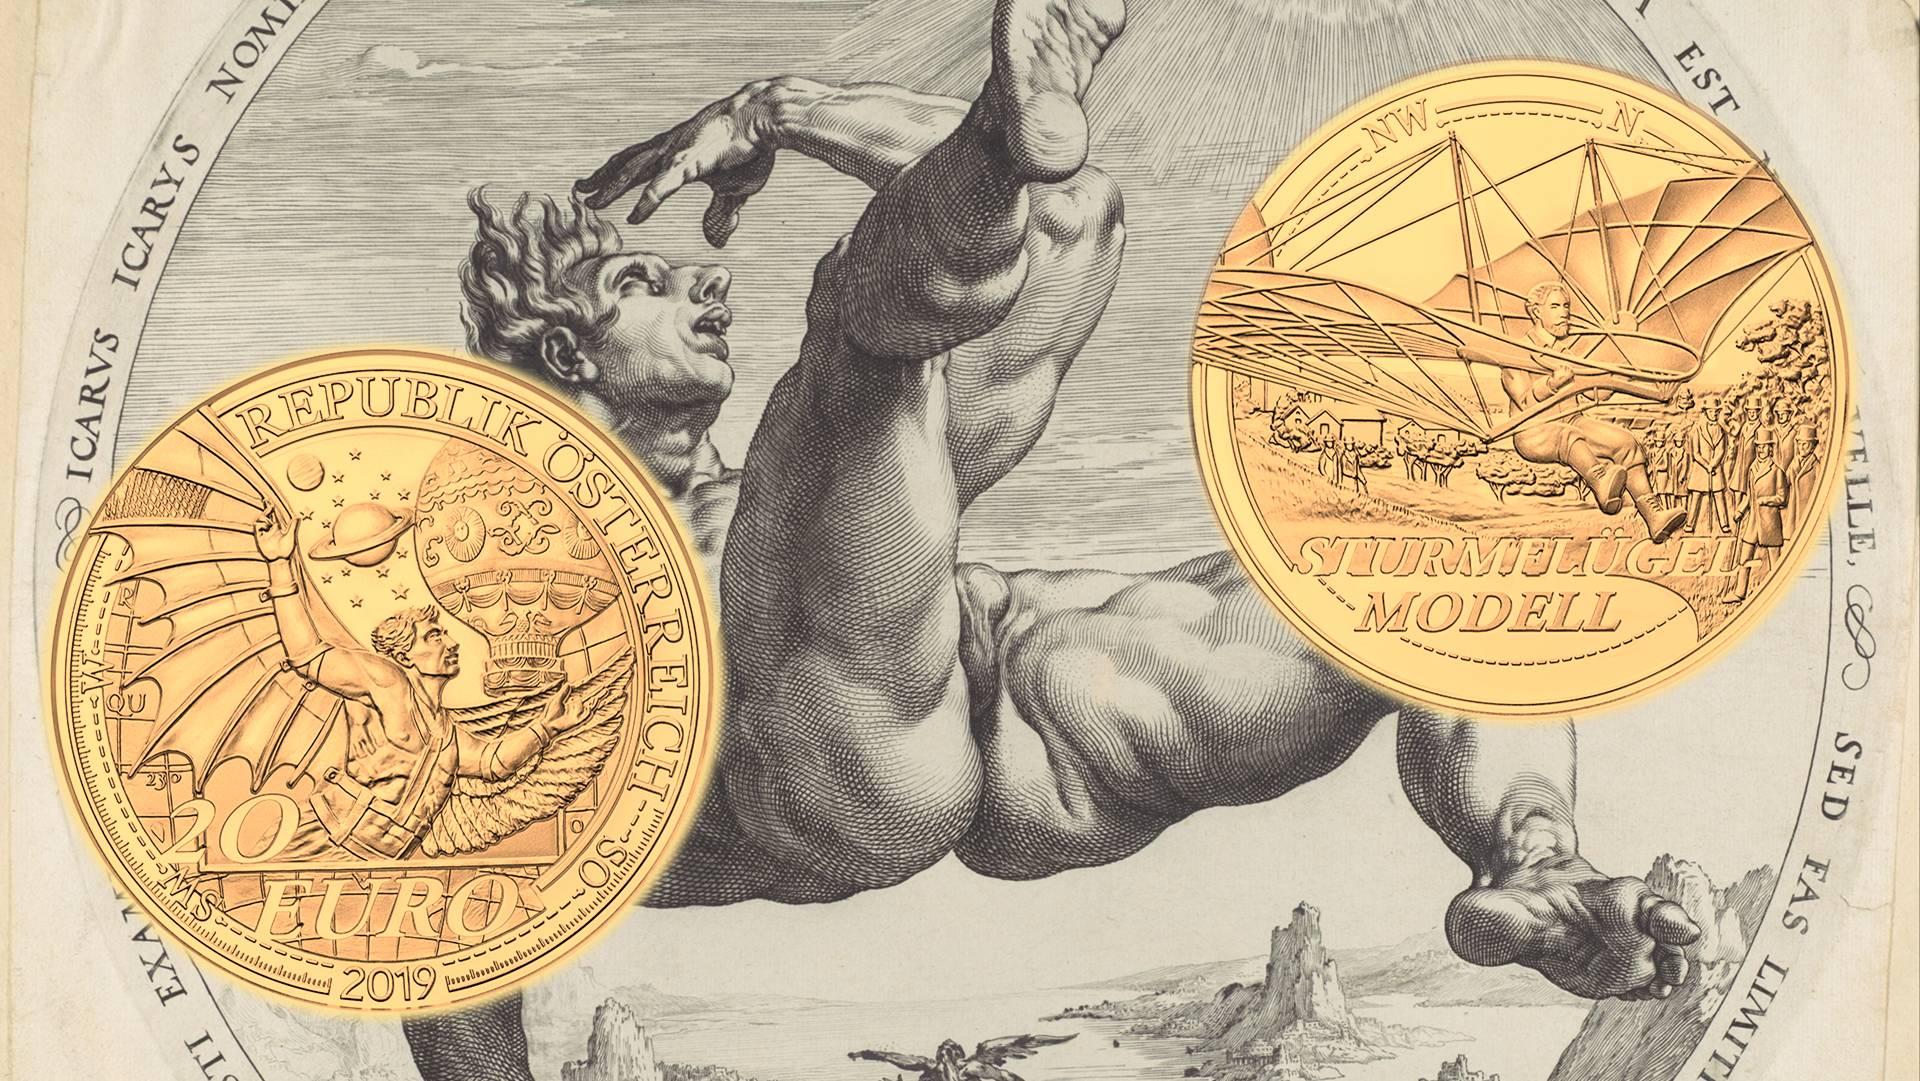 Icaro D'austriaLeggi Nuove Ora Alla Monete Cinque Luna La Da Con 54q3AjcSRL